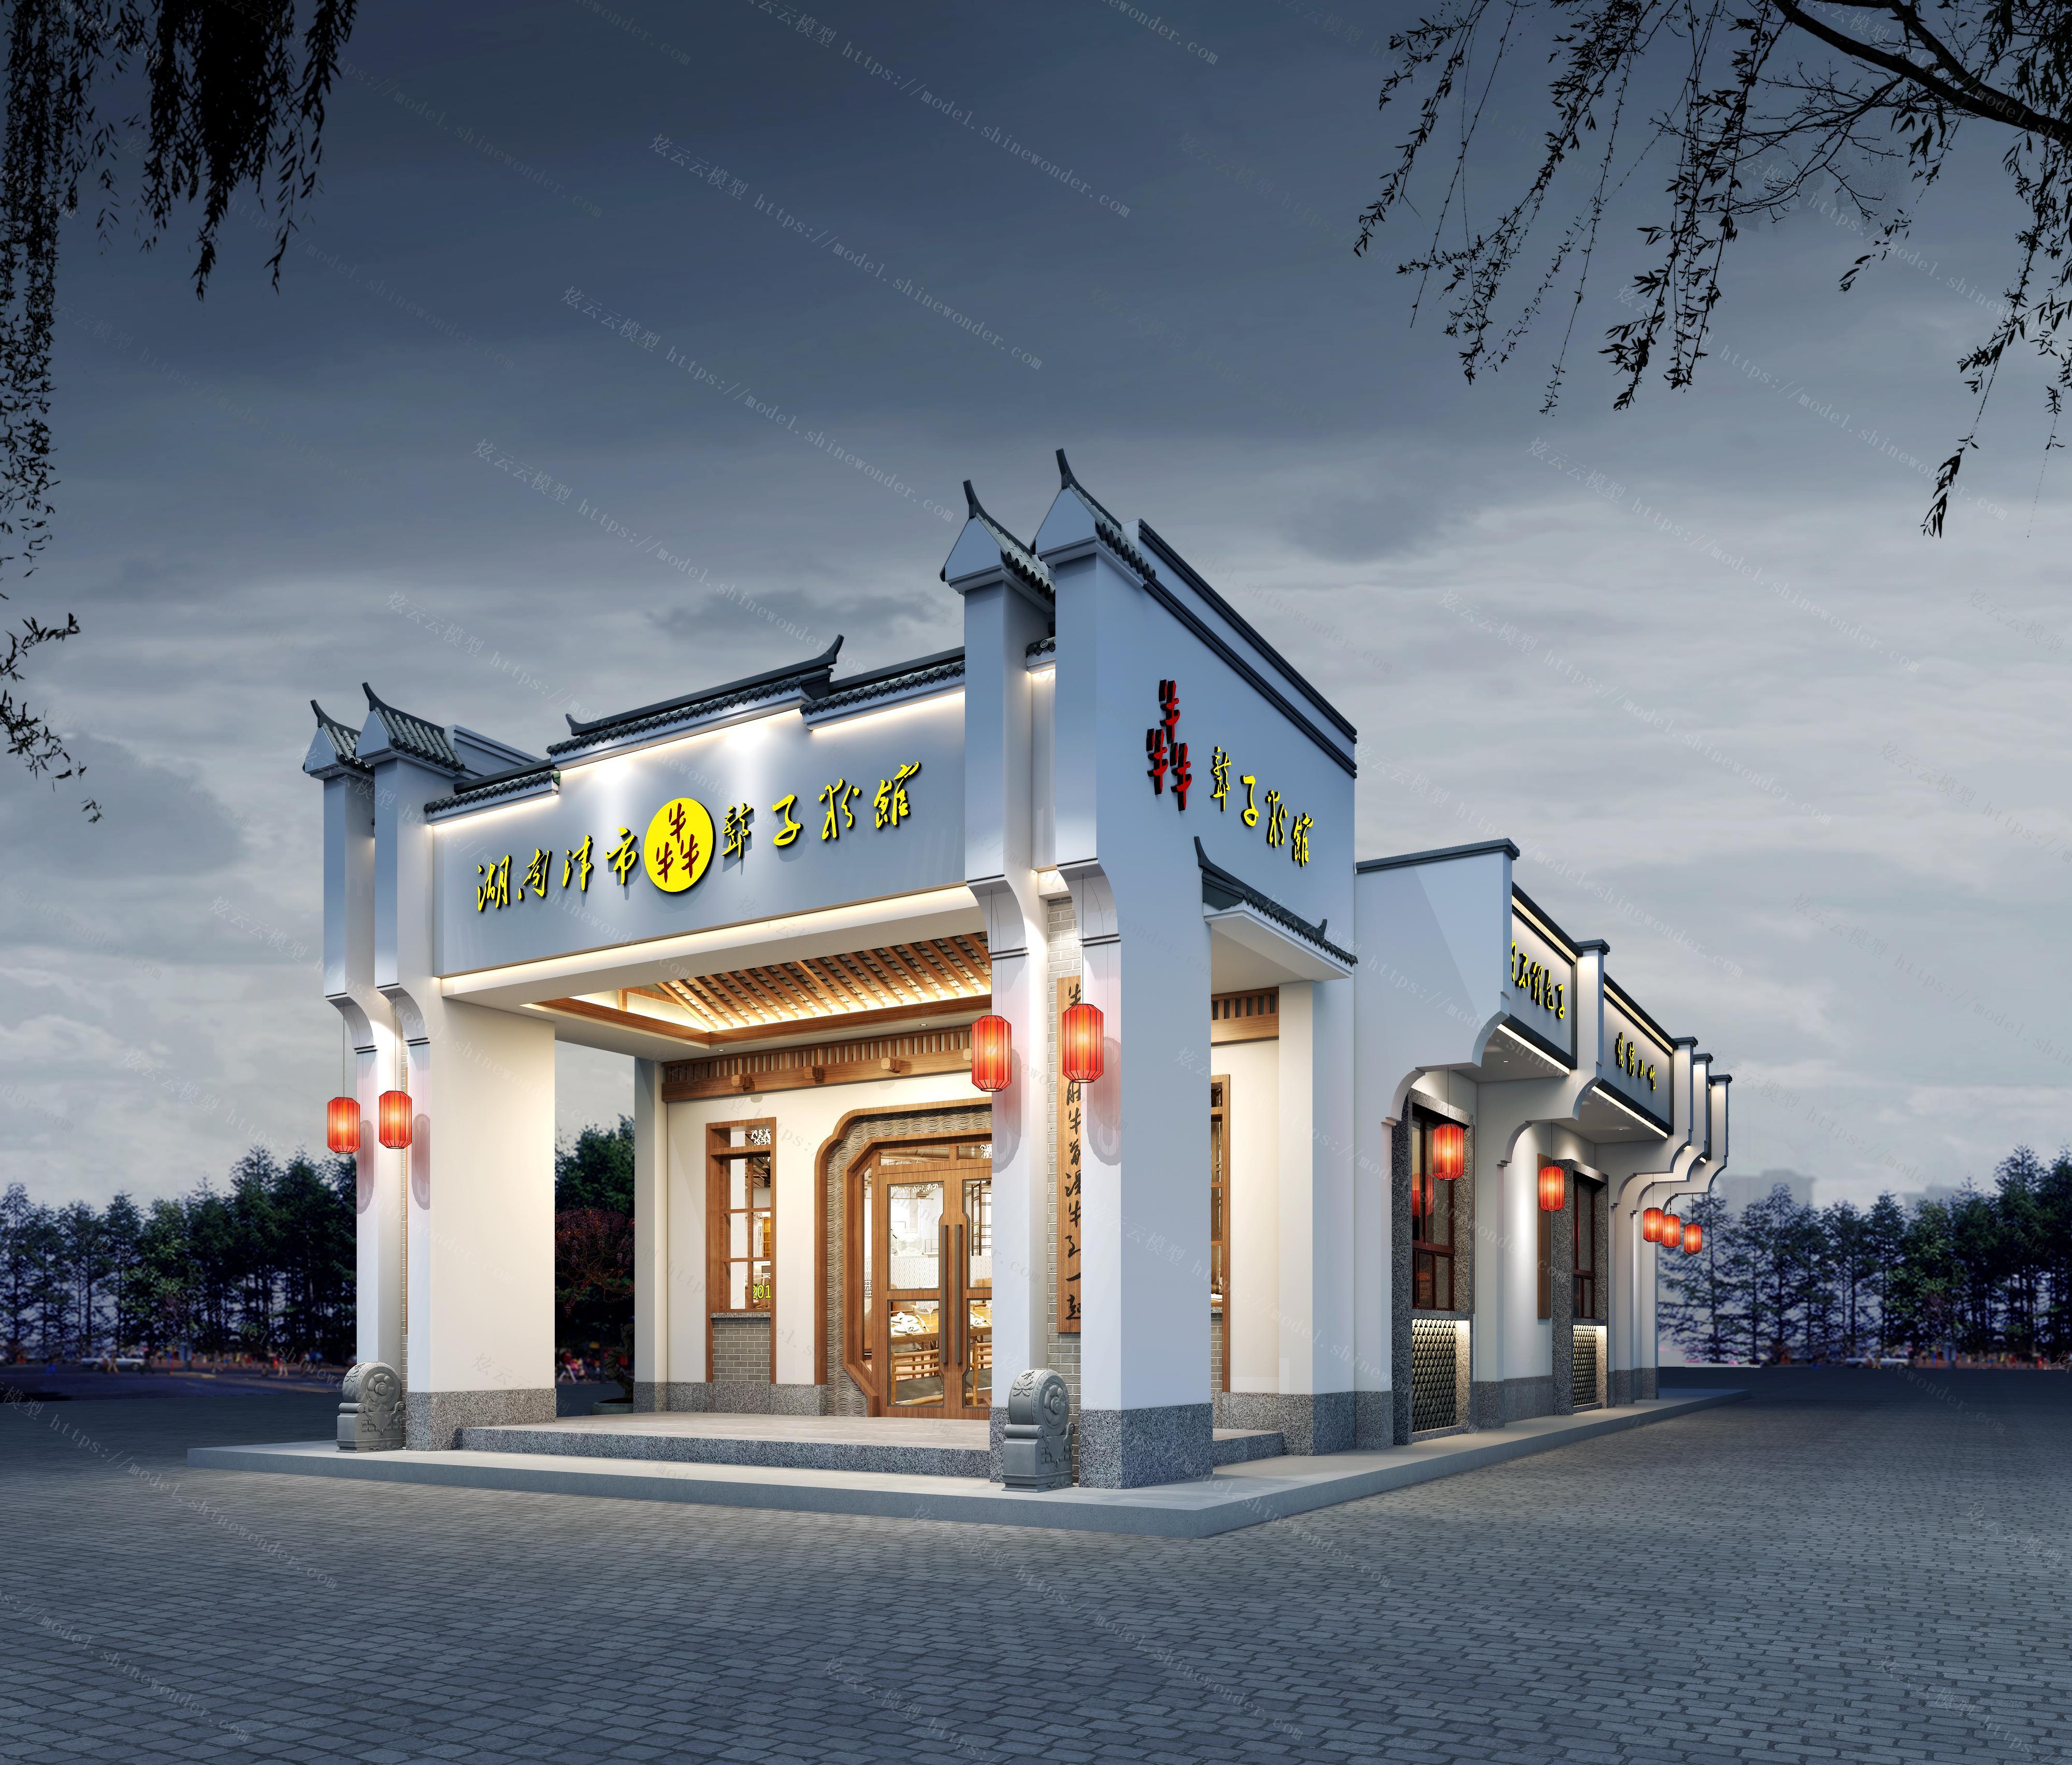 中式餐厅门头模型